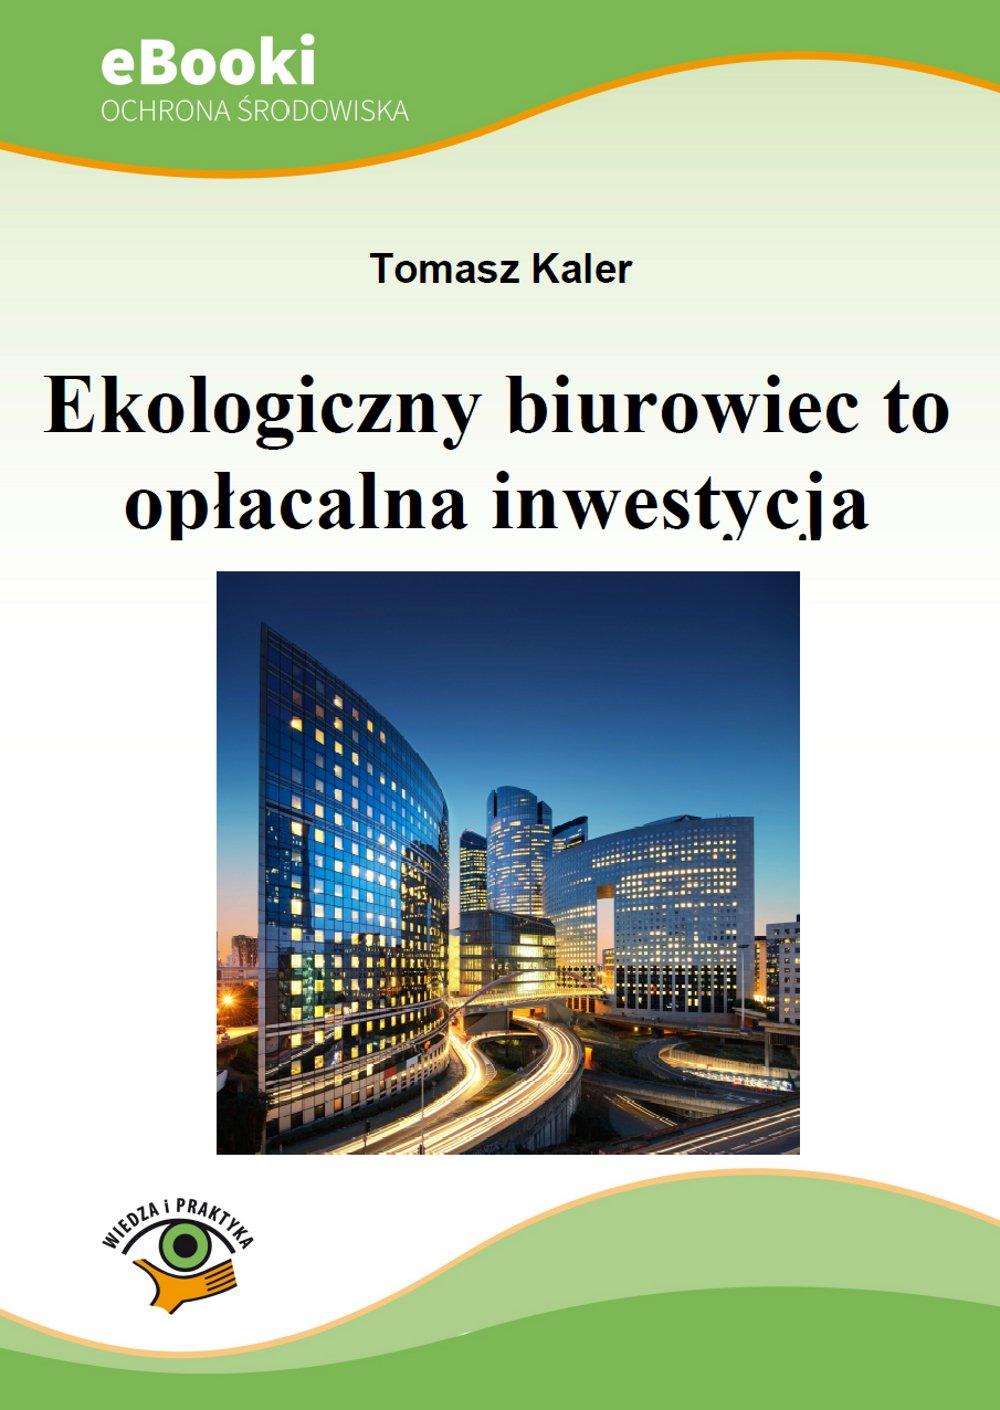 Ekologiczny biurowiec to opłacalna inwestycja - Ebook (Książka PDF) do pobrania w formacie PDF